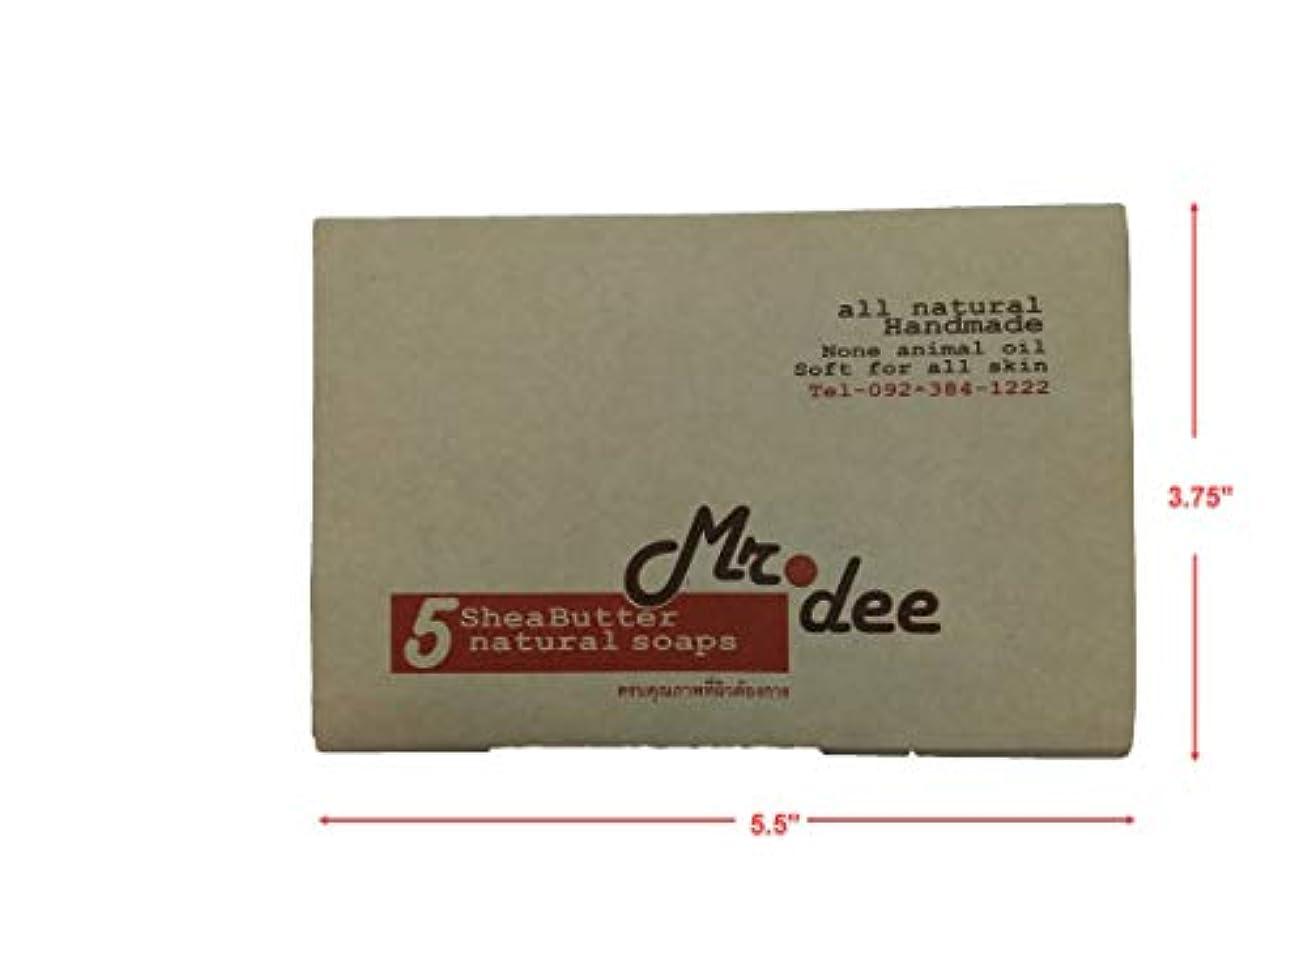 ラブマーキー高齢者「Mr.Dee」100%ナチュラルソープバー非化学シアバターディープクレンジングバンブーチャコール&ハニーパック5バー(100グラム/バー)